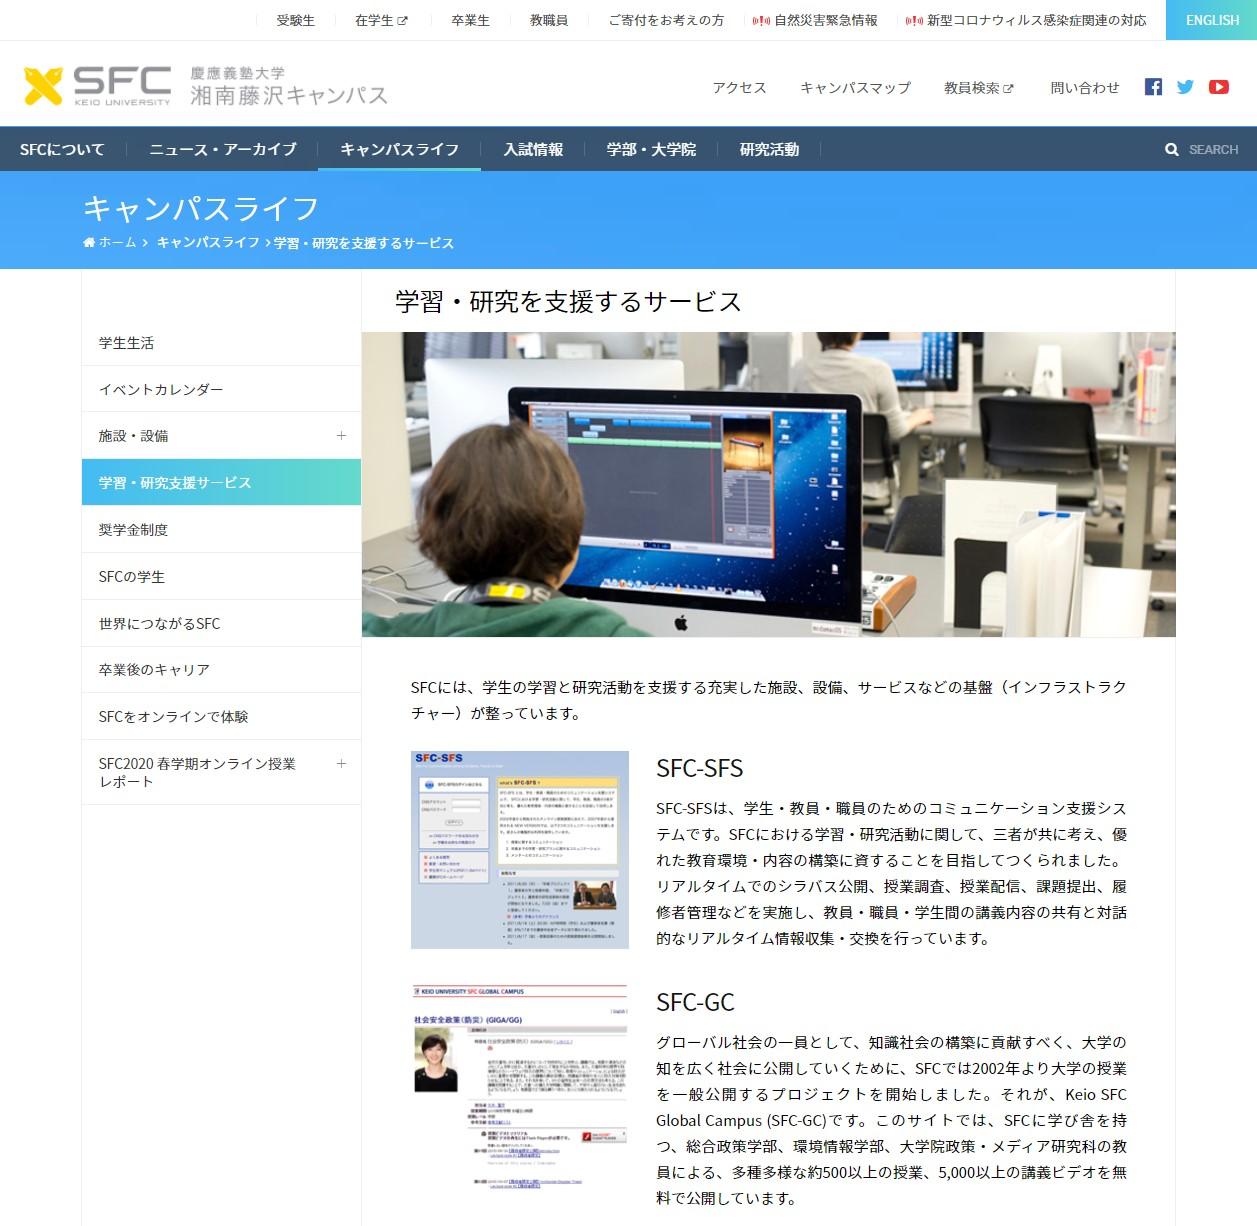 受験生向けサイトでも紹介されるなど、SFCの顔とも言える存在だった